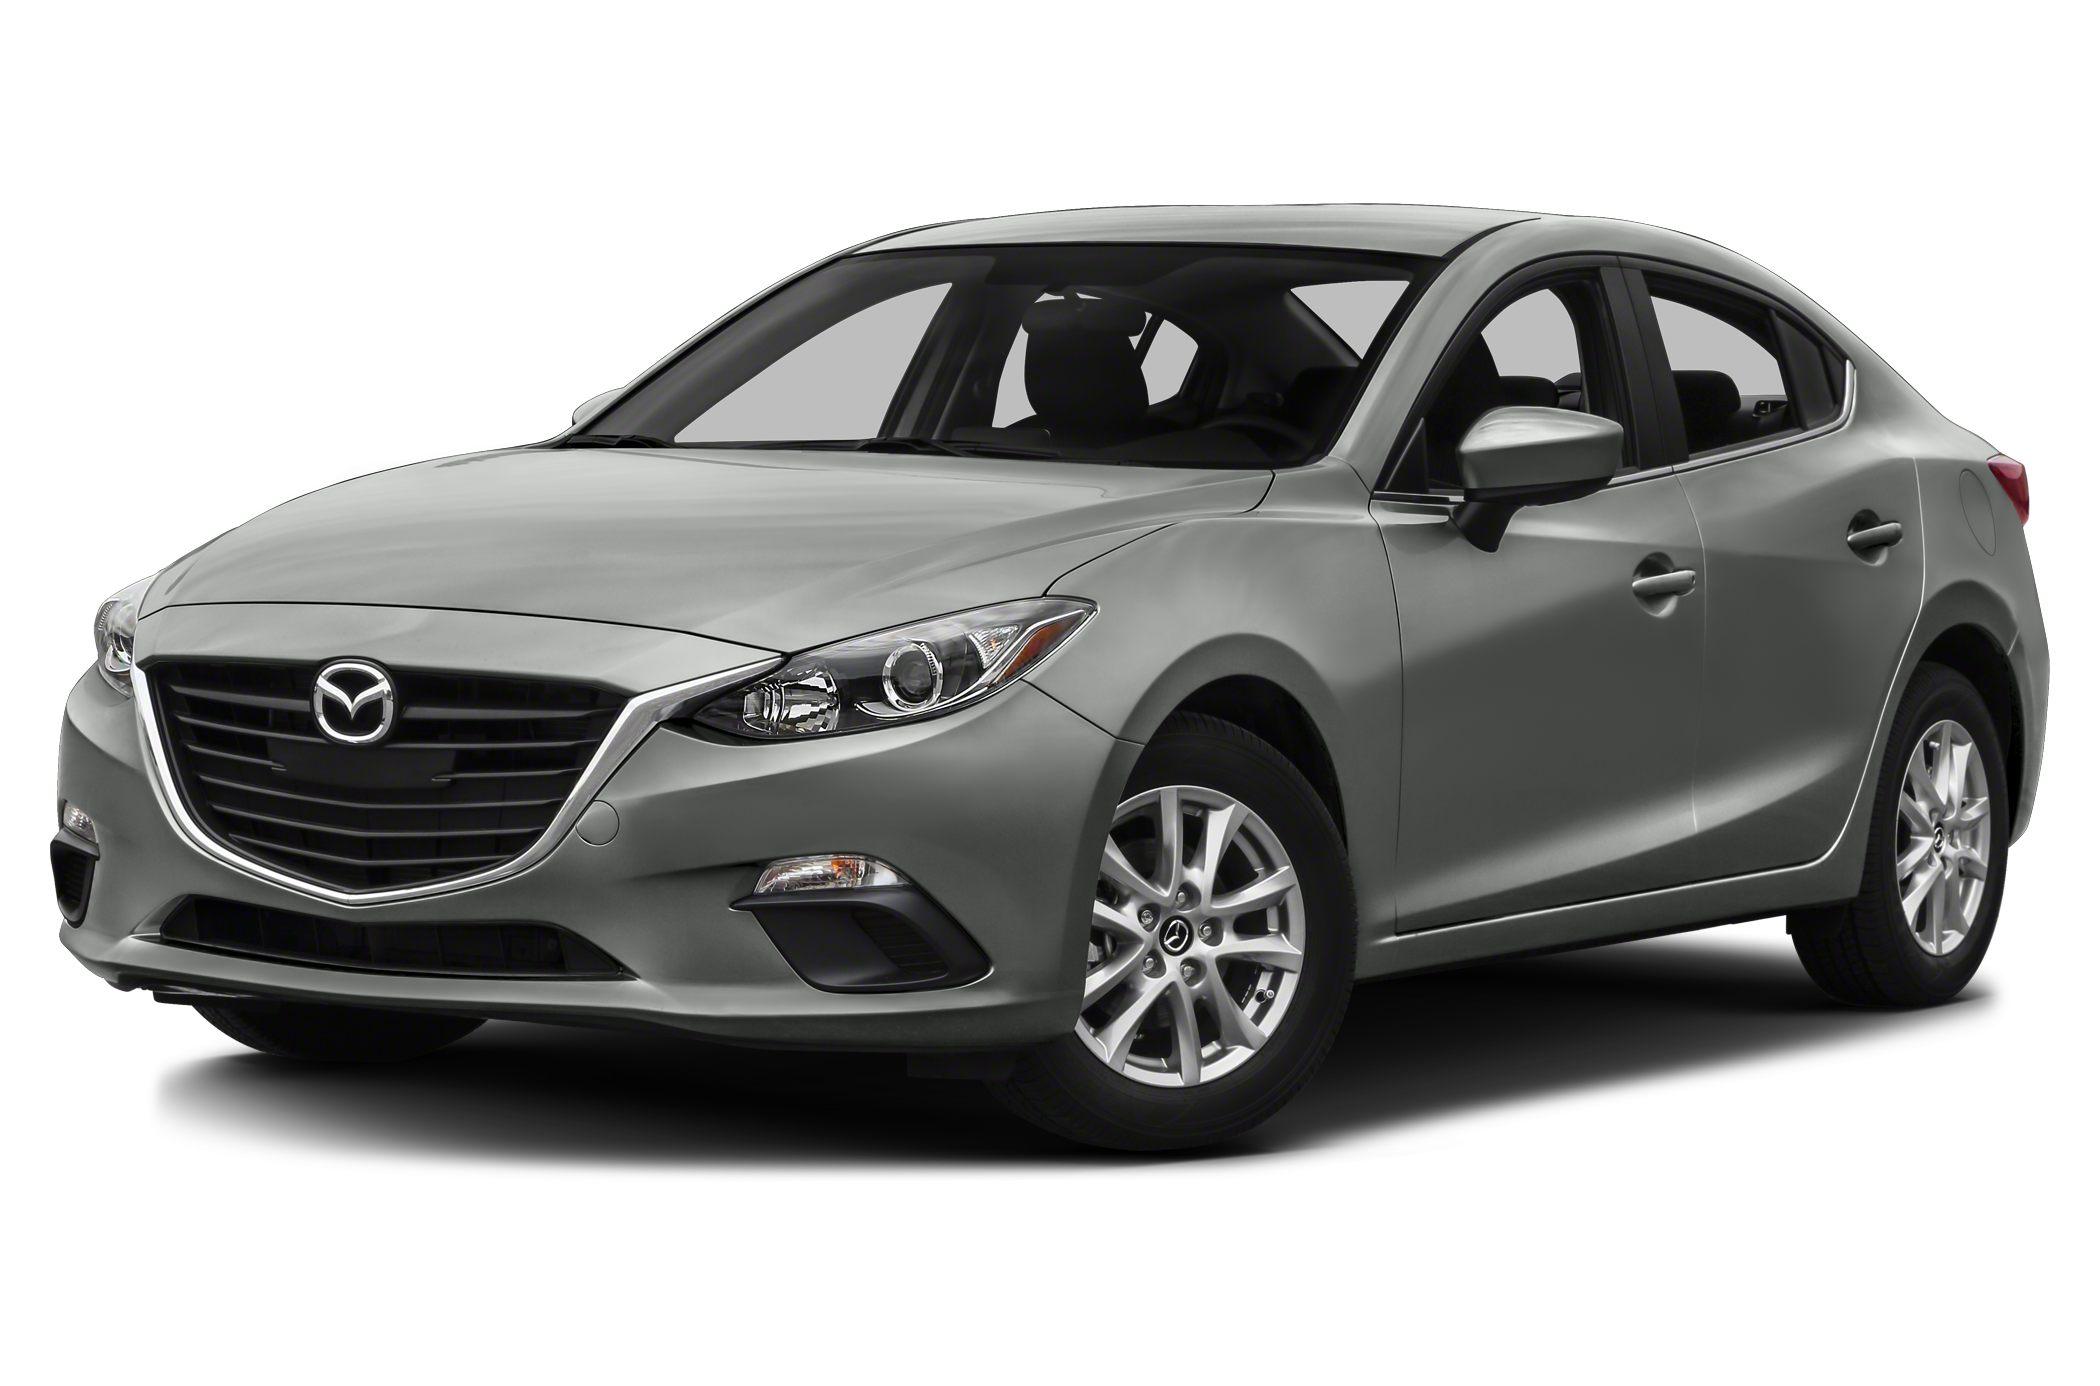 2015 Mazda Mazda3 New Car Test Drive